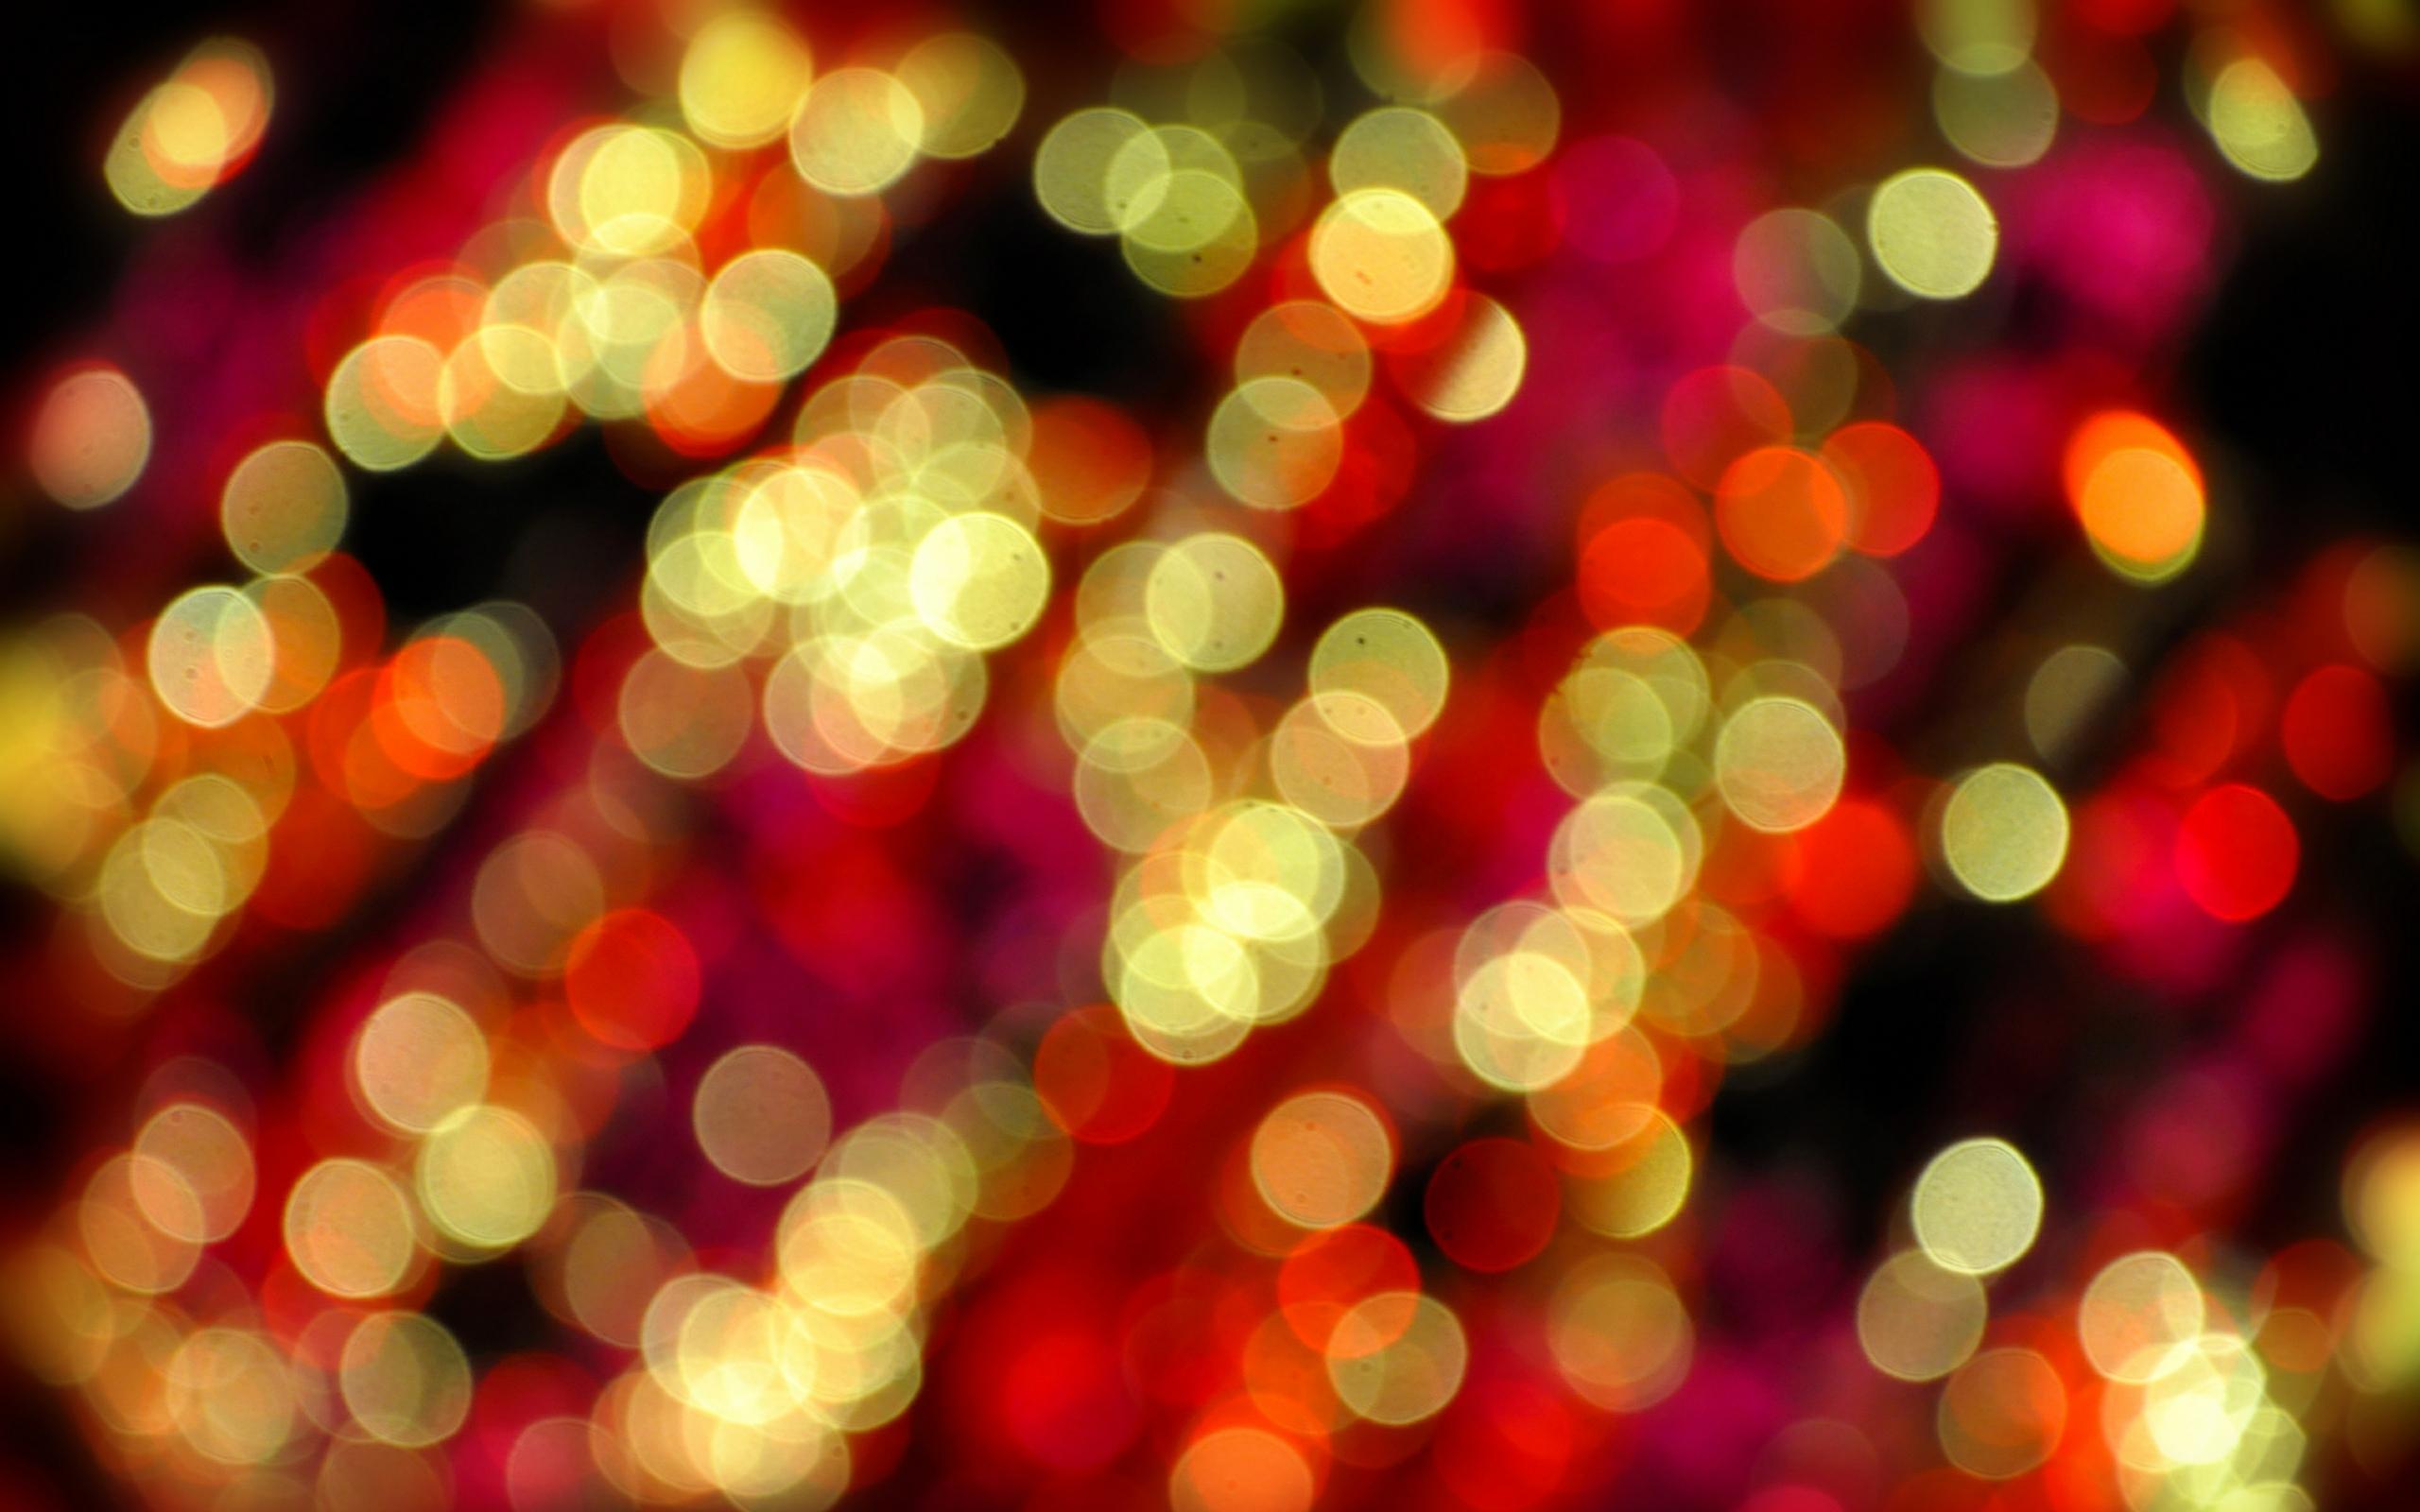 Must see Wallpaper Halloween Light - christmas-lights-bokeh-wallpaper-24367-25027-hd-wallpapers  Trends_92669.jpg